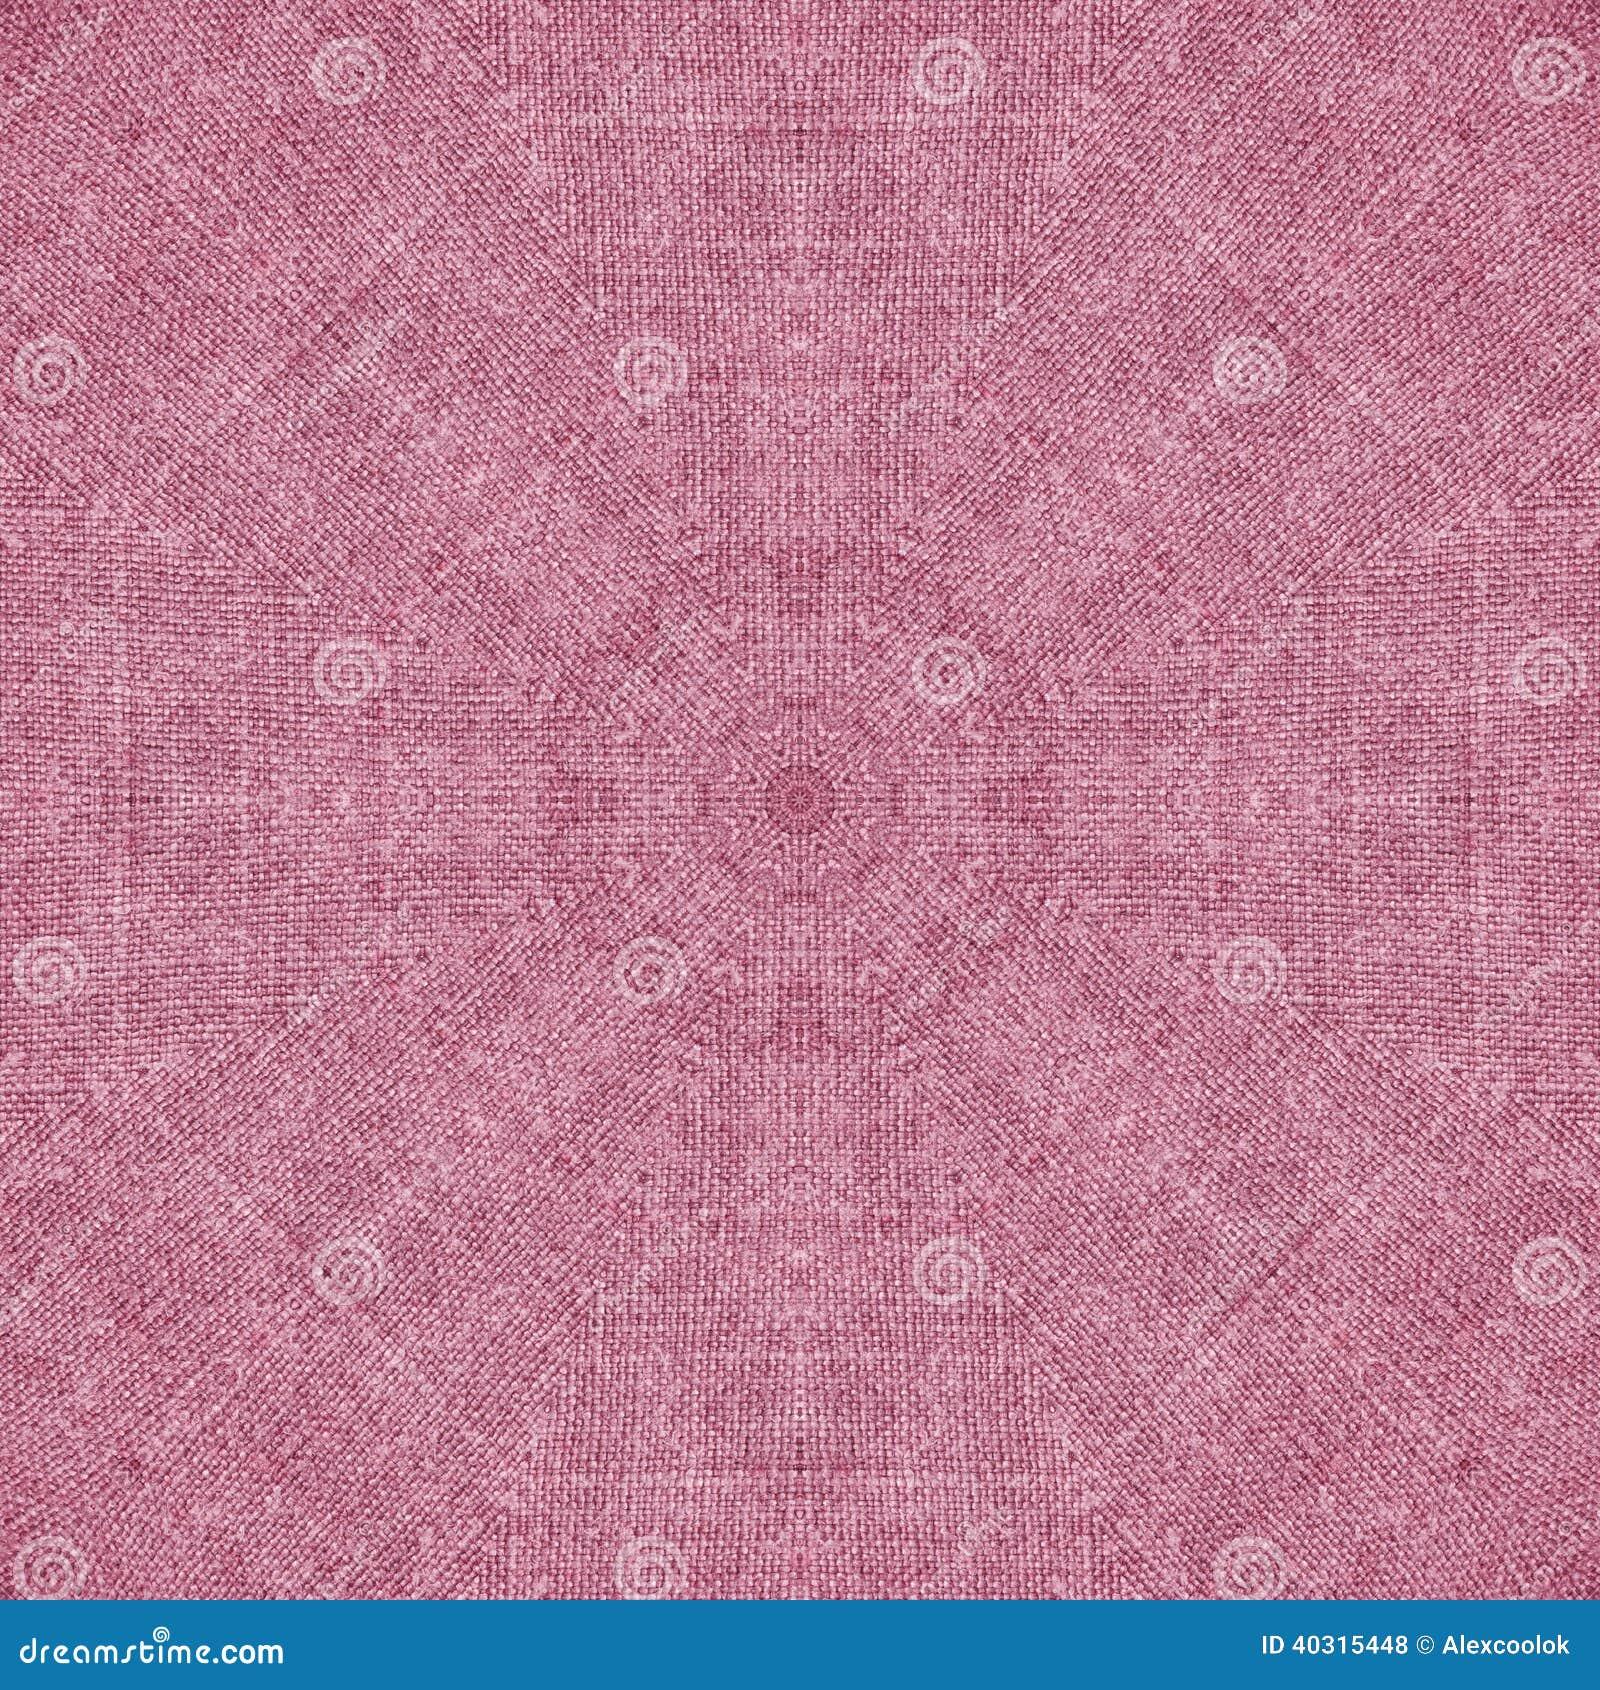 Seamless chevron pattern on linen texture stock photos image - Seamless Pattern Linen Canvas Stock Illustration Image